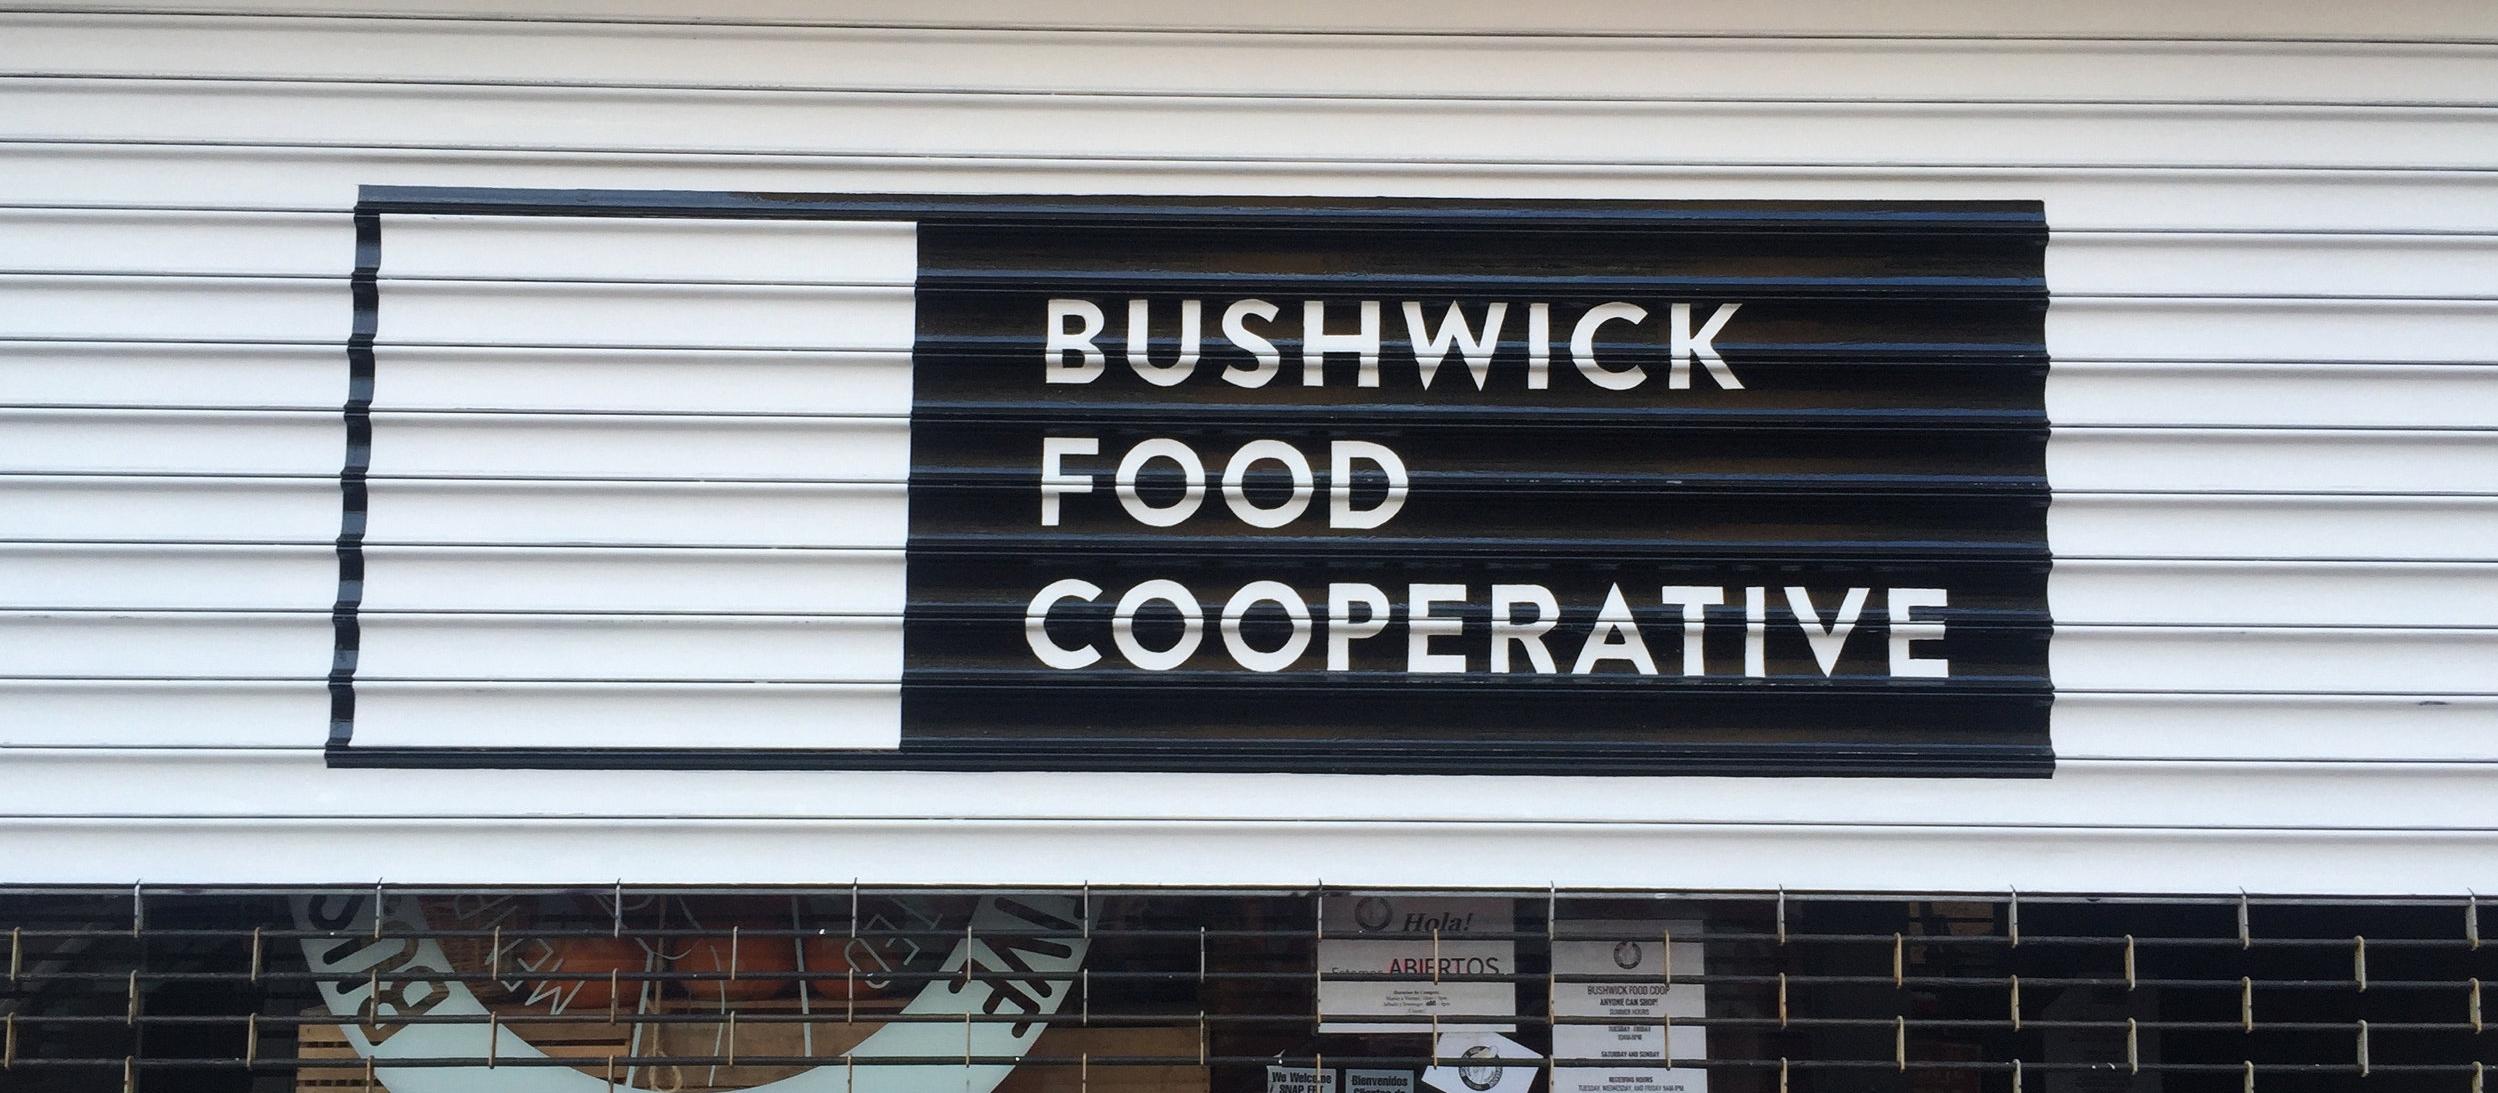 Logo on rollgate for  Bushwick Food Coop  in Bushwick, Brooklyn, NY.